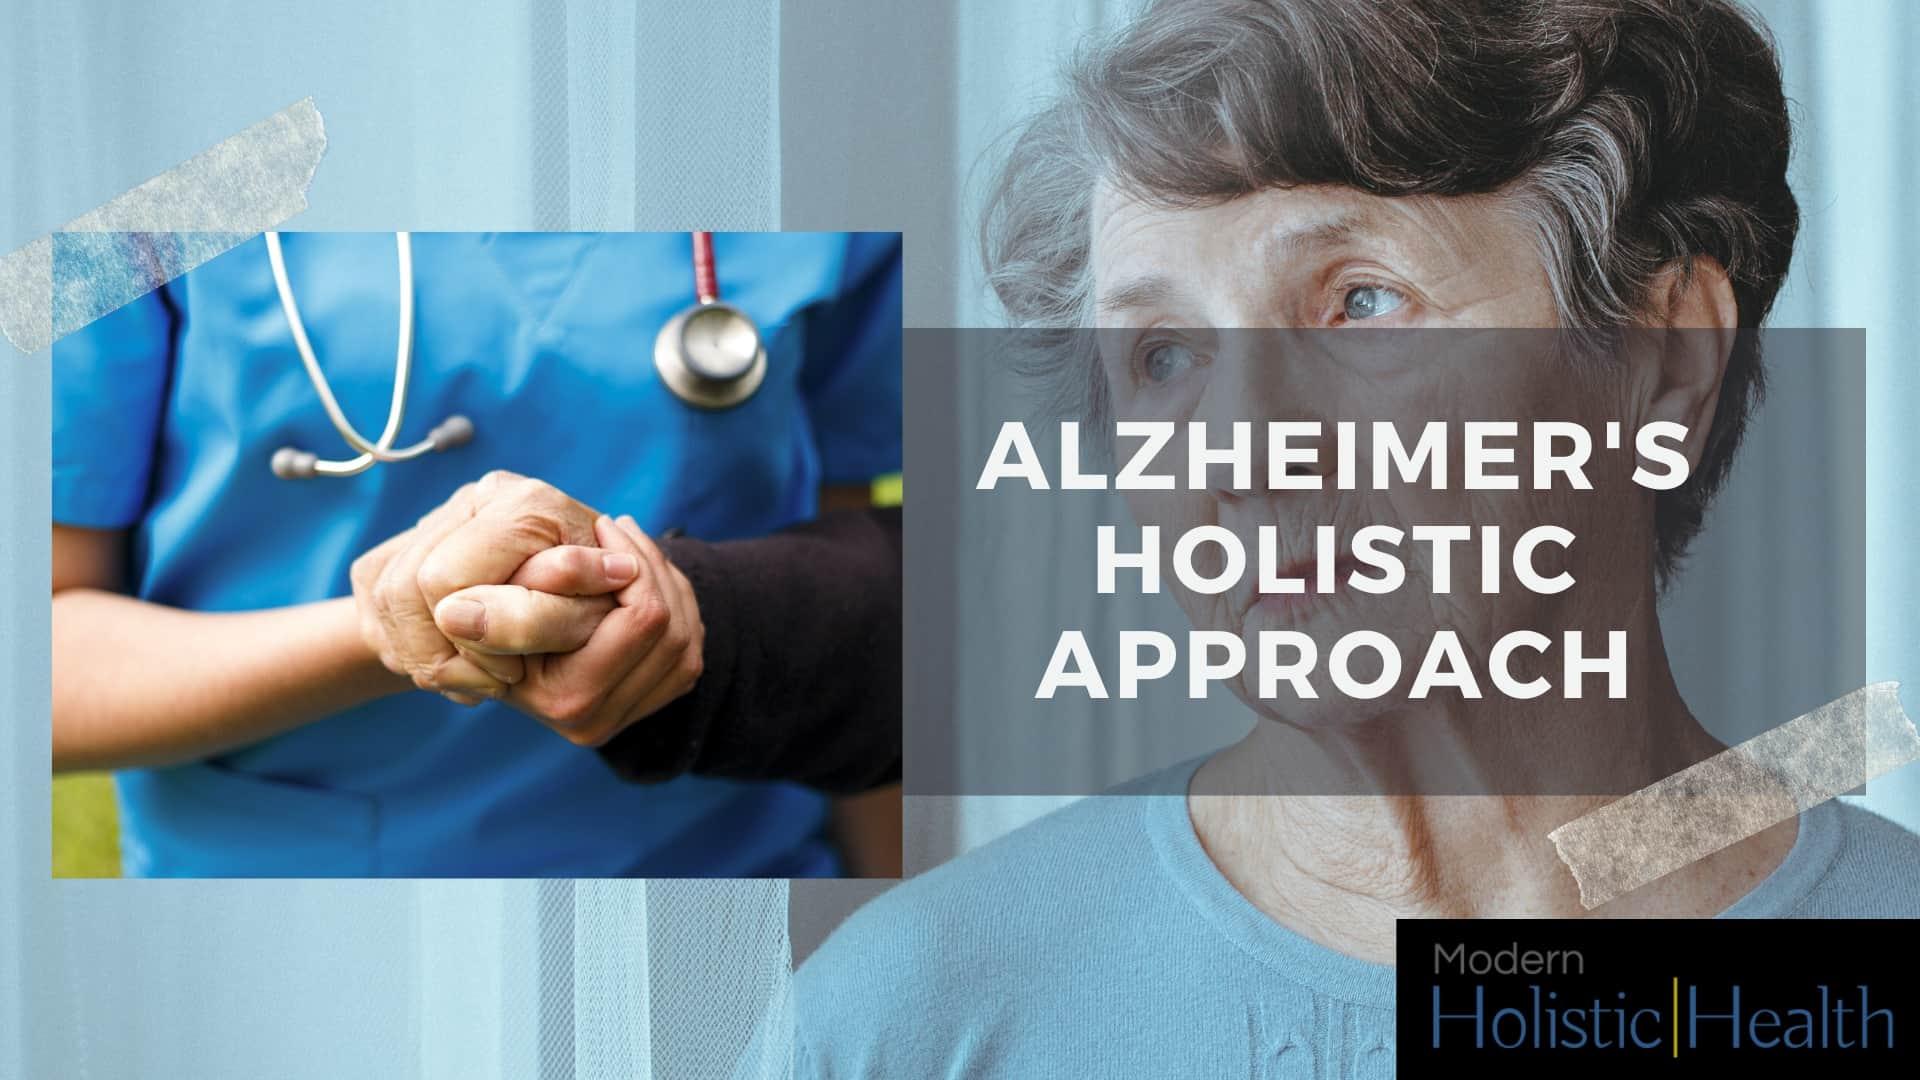 Alzheimers holistic approach